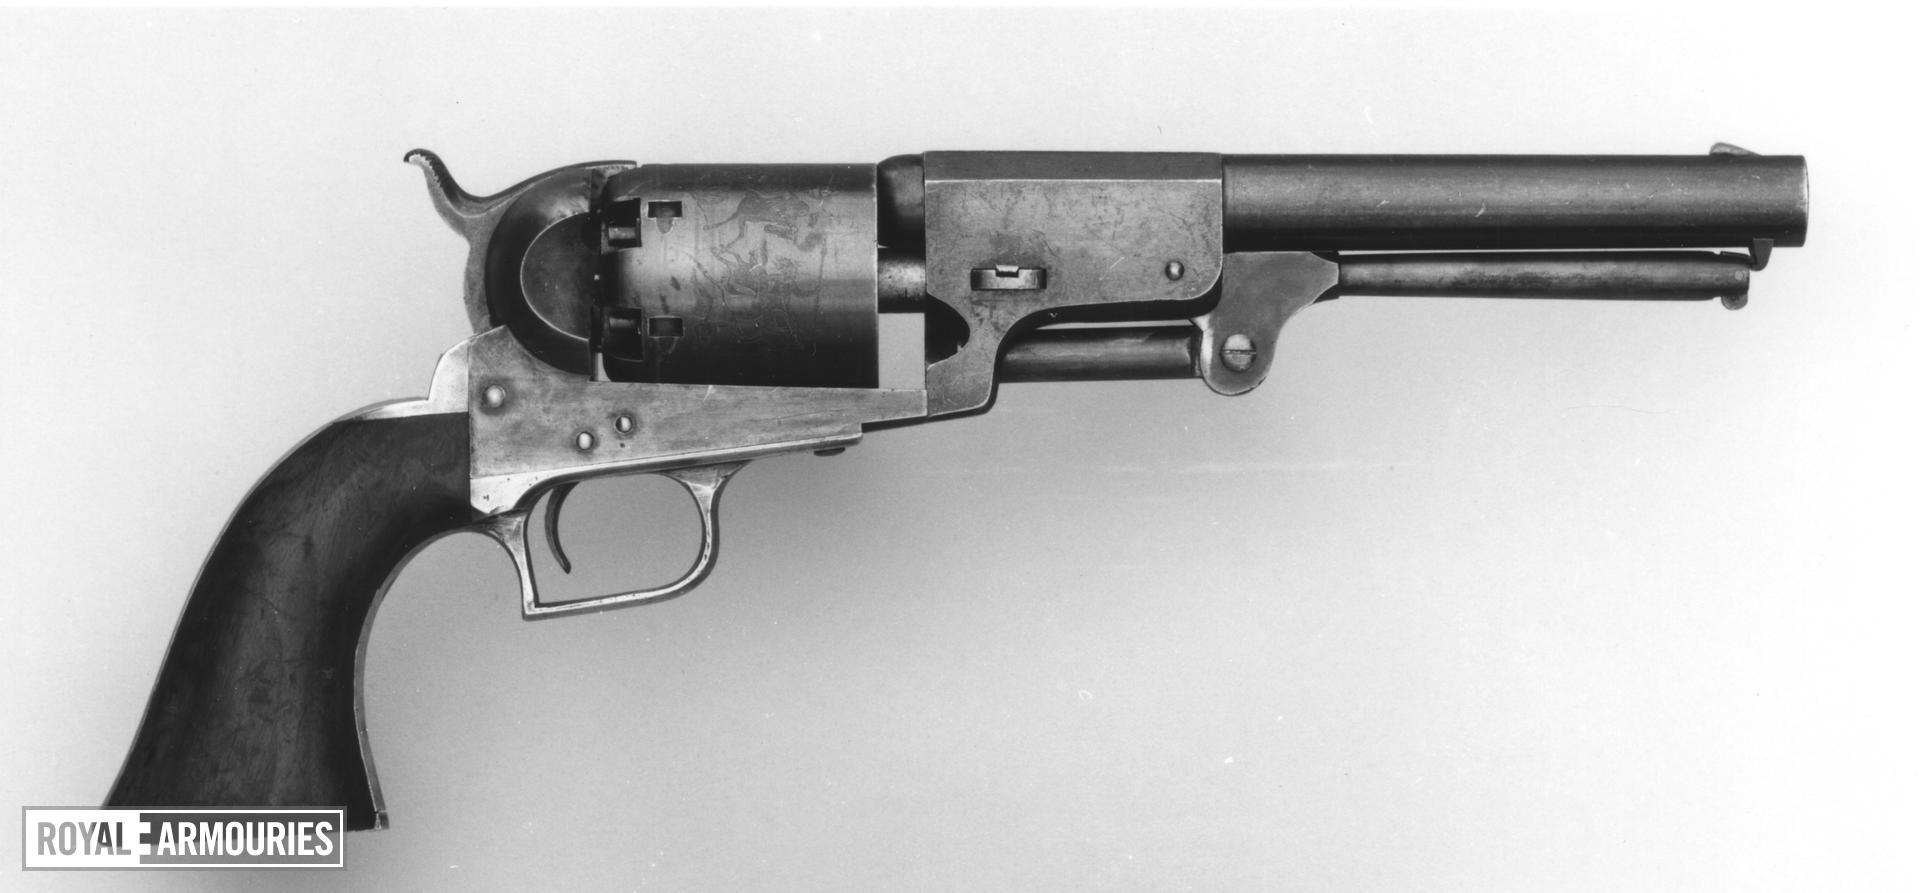 Percussion six-shot revolver - Colt Dragoon 2nd Model